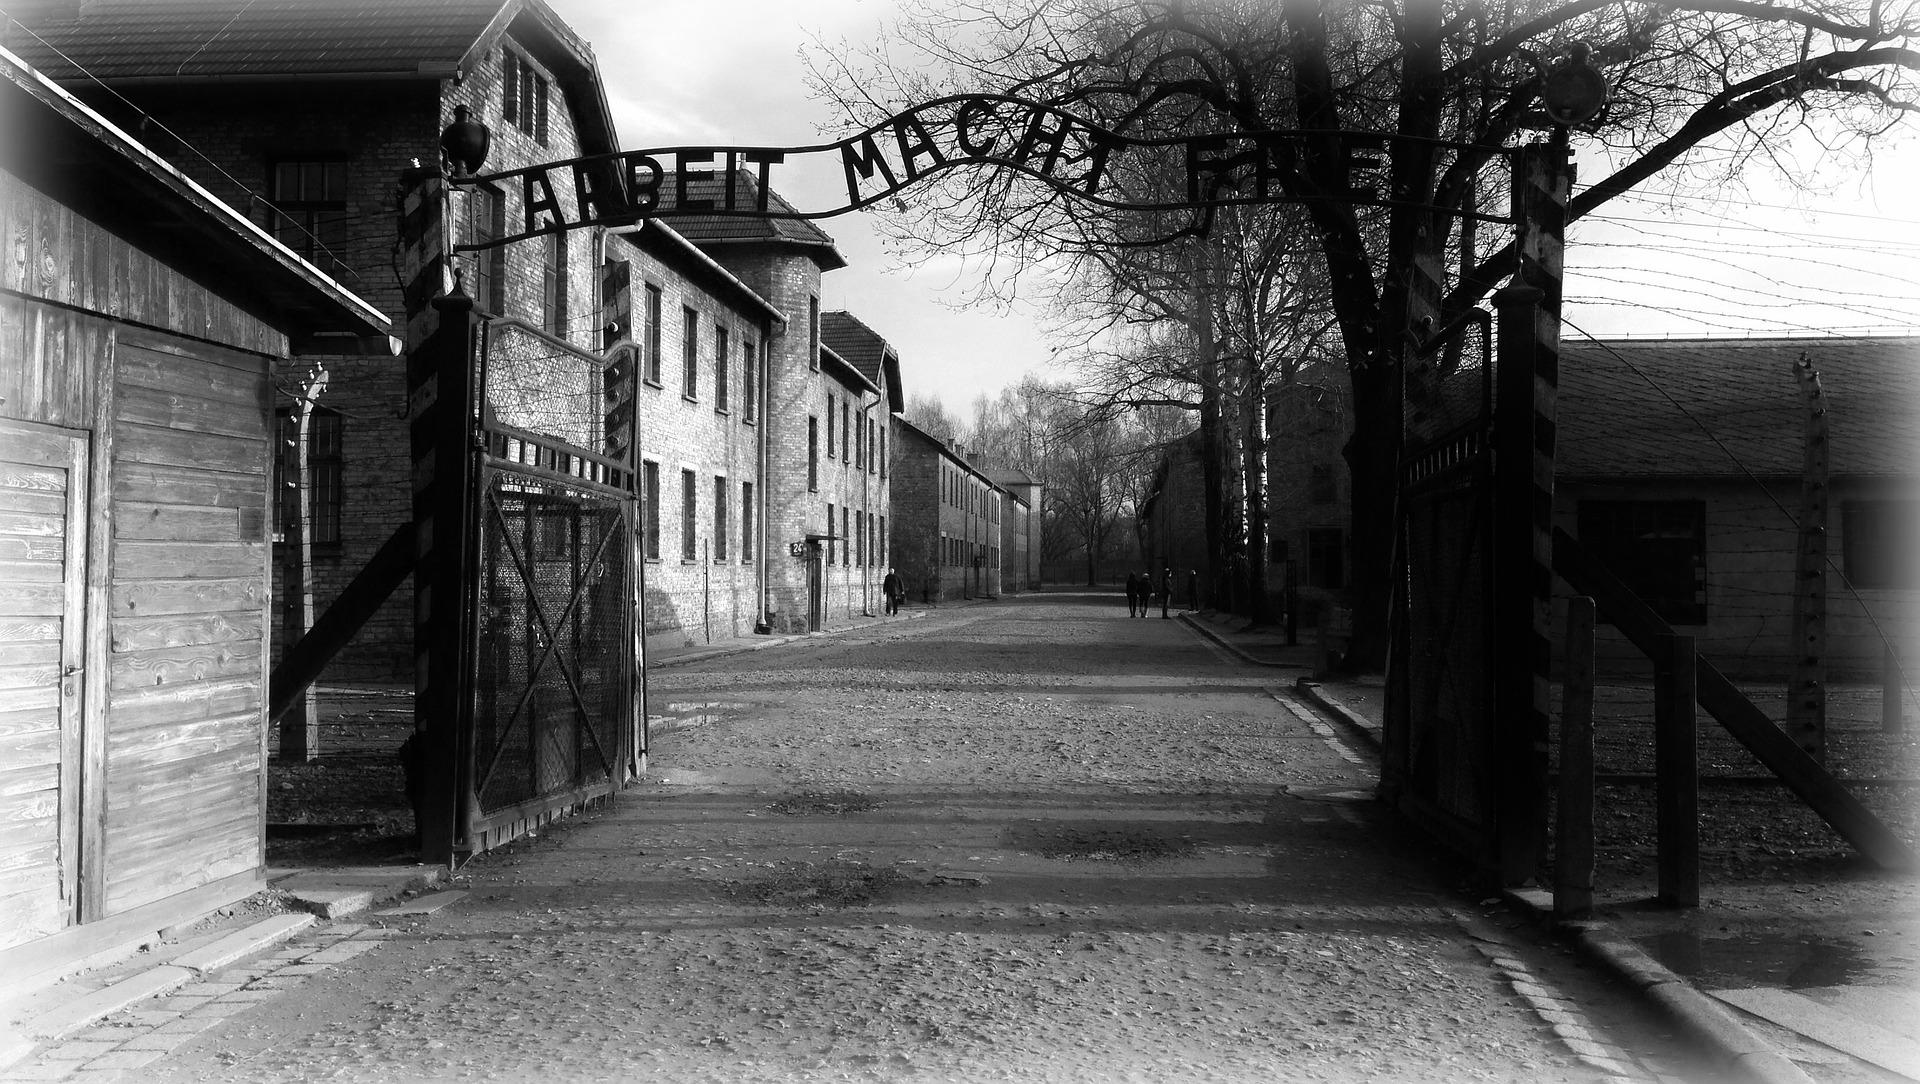 Auschwitz And Salt Mine Tour In 1 Day